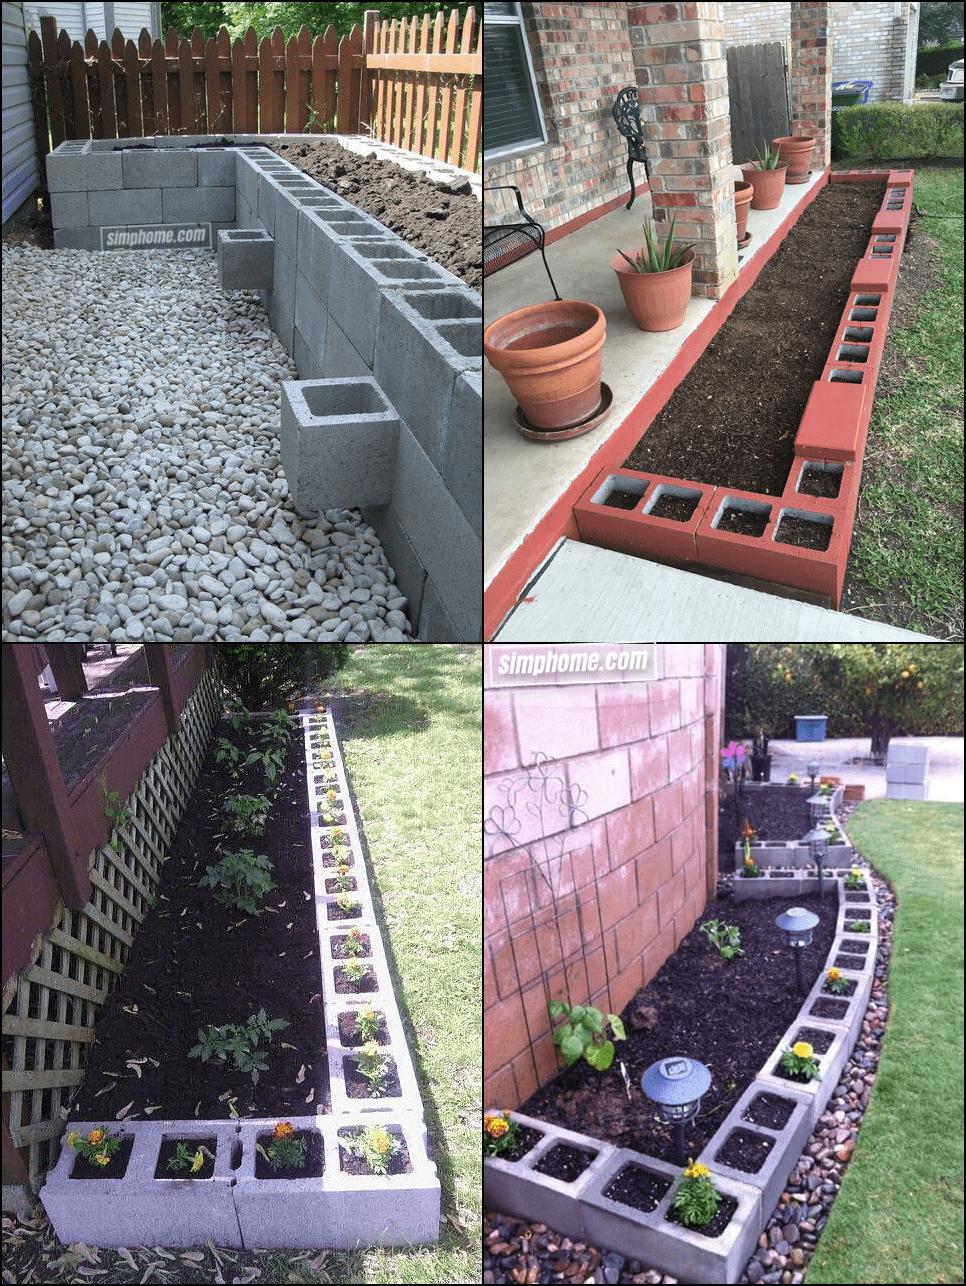 7. Simphome.com Cinder Block Garden Edging